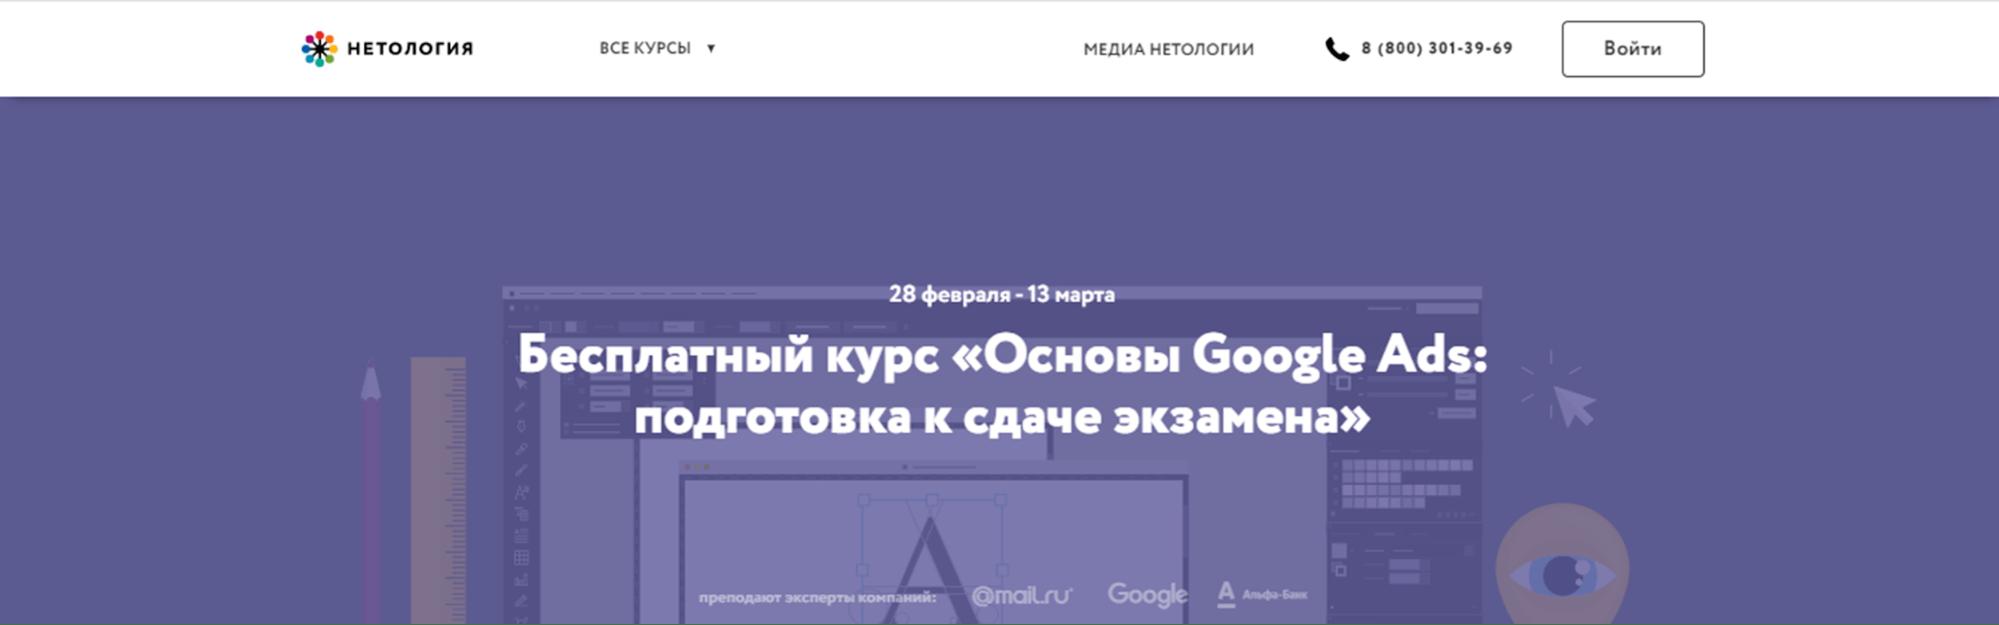 Бесплатное обучение основам Google Adwords в Нетологии